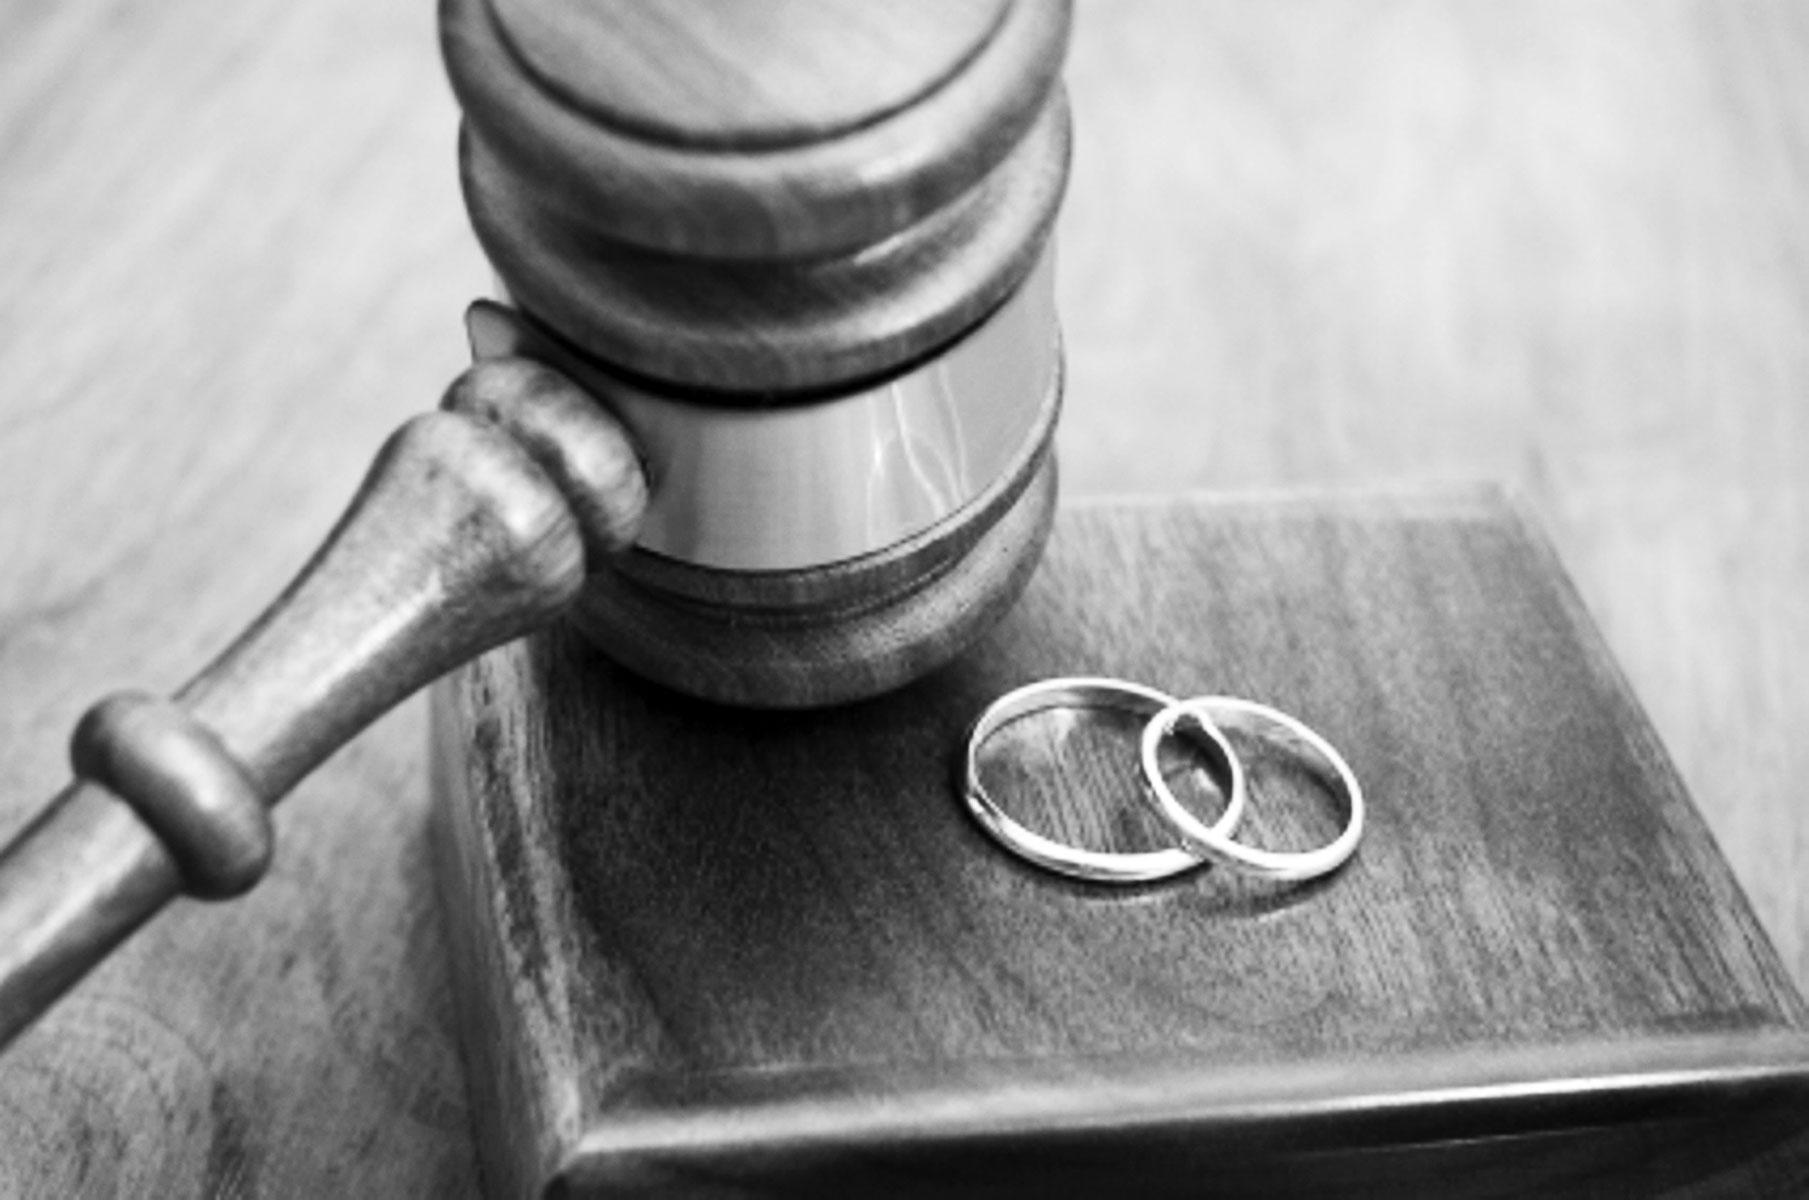 رشد طلاق توافقی در کشور به صفر رسید